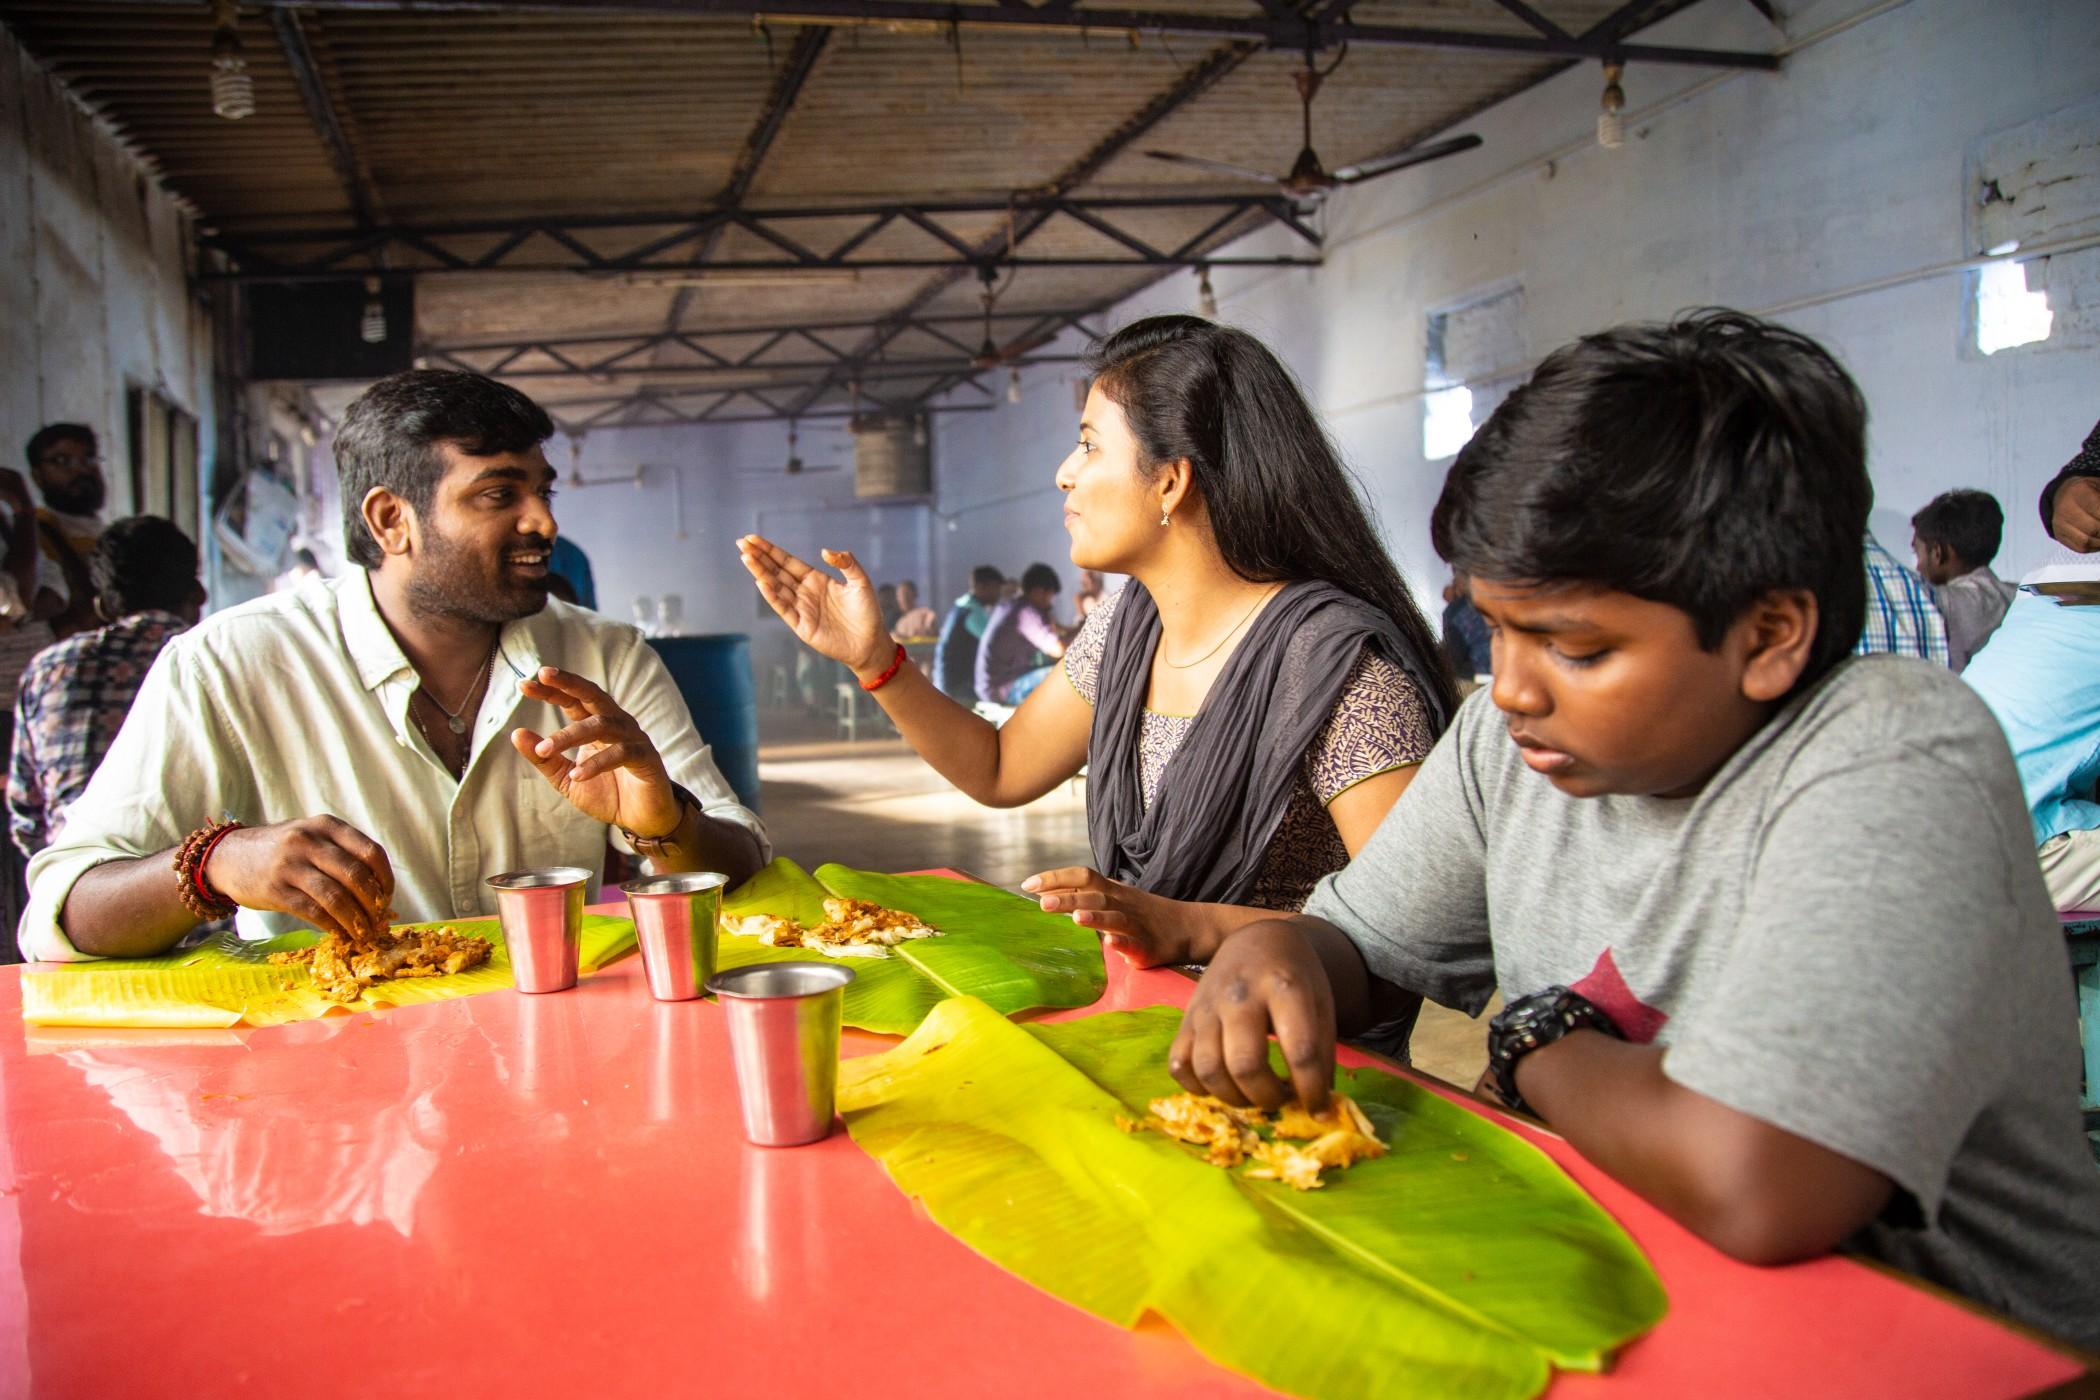 சிந்துபாத் செட்டில் மகனுடன் மோதிய விஜய்சேதுபதி வீடியோ